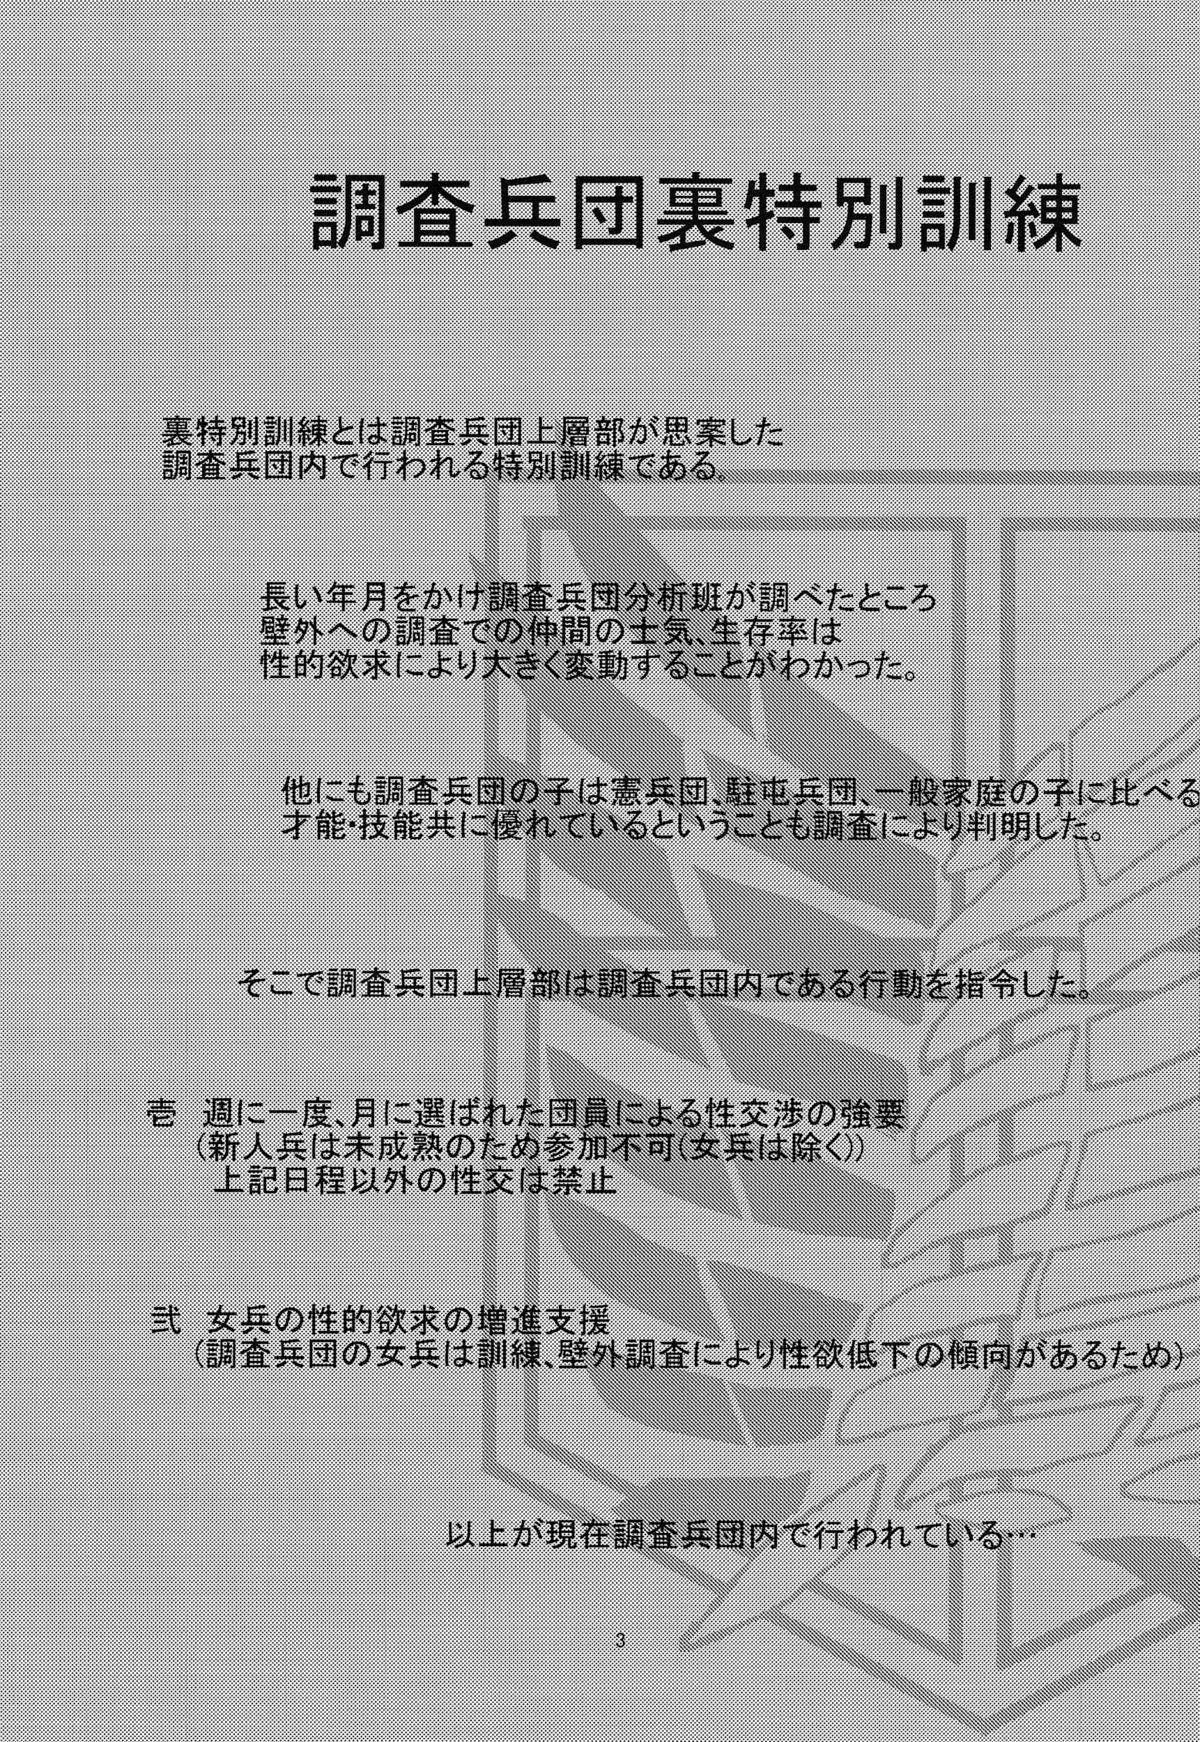 Chousa Heidan Ura Tokubetsu Kunren 2